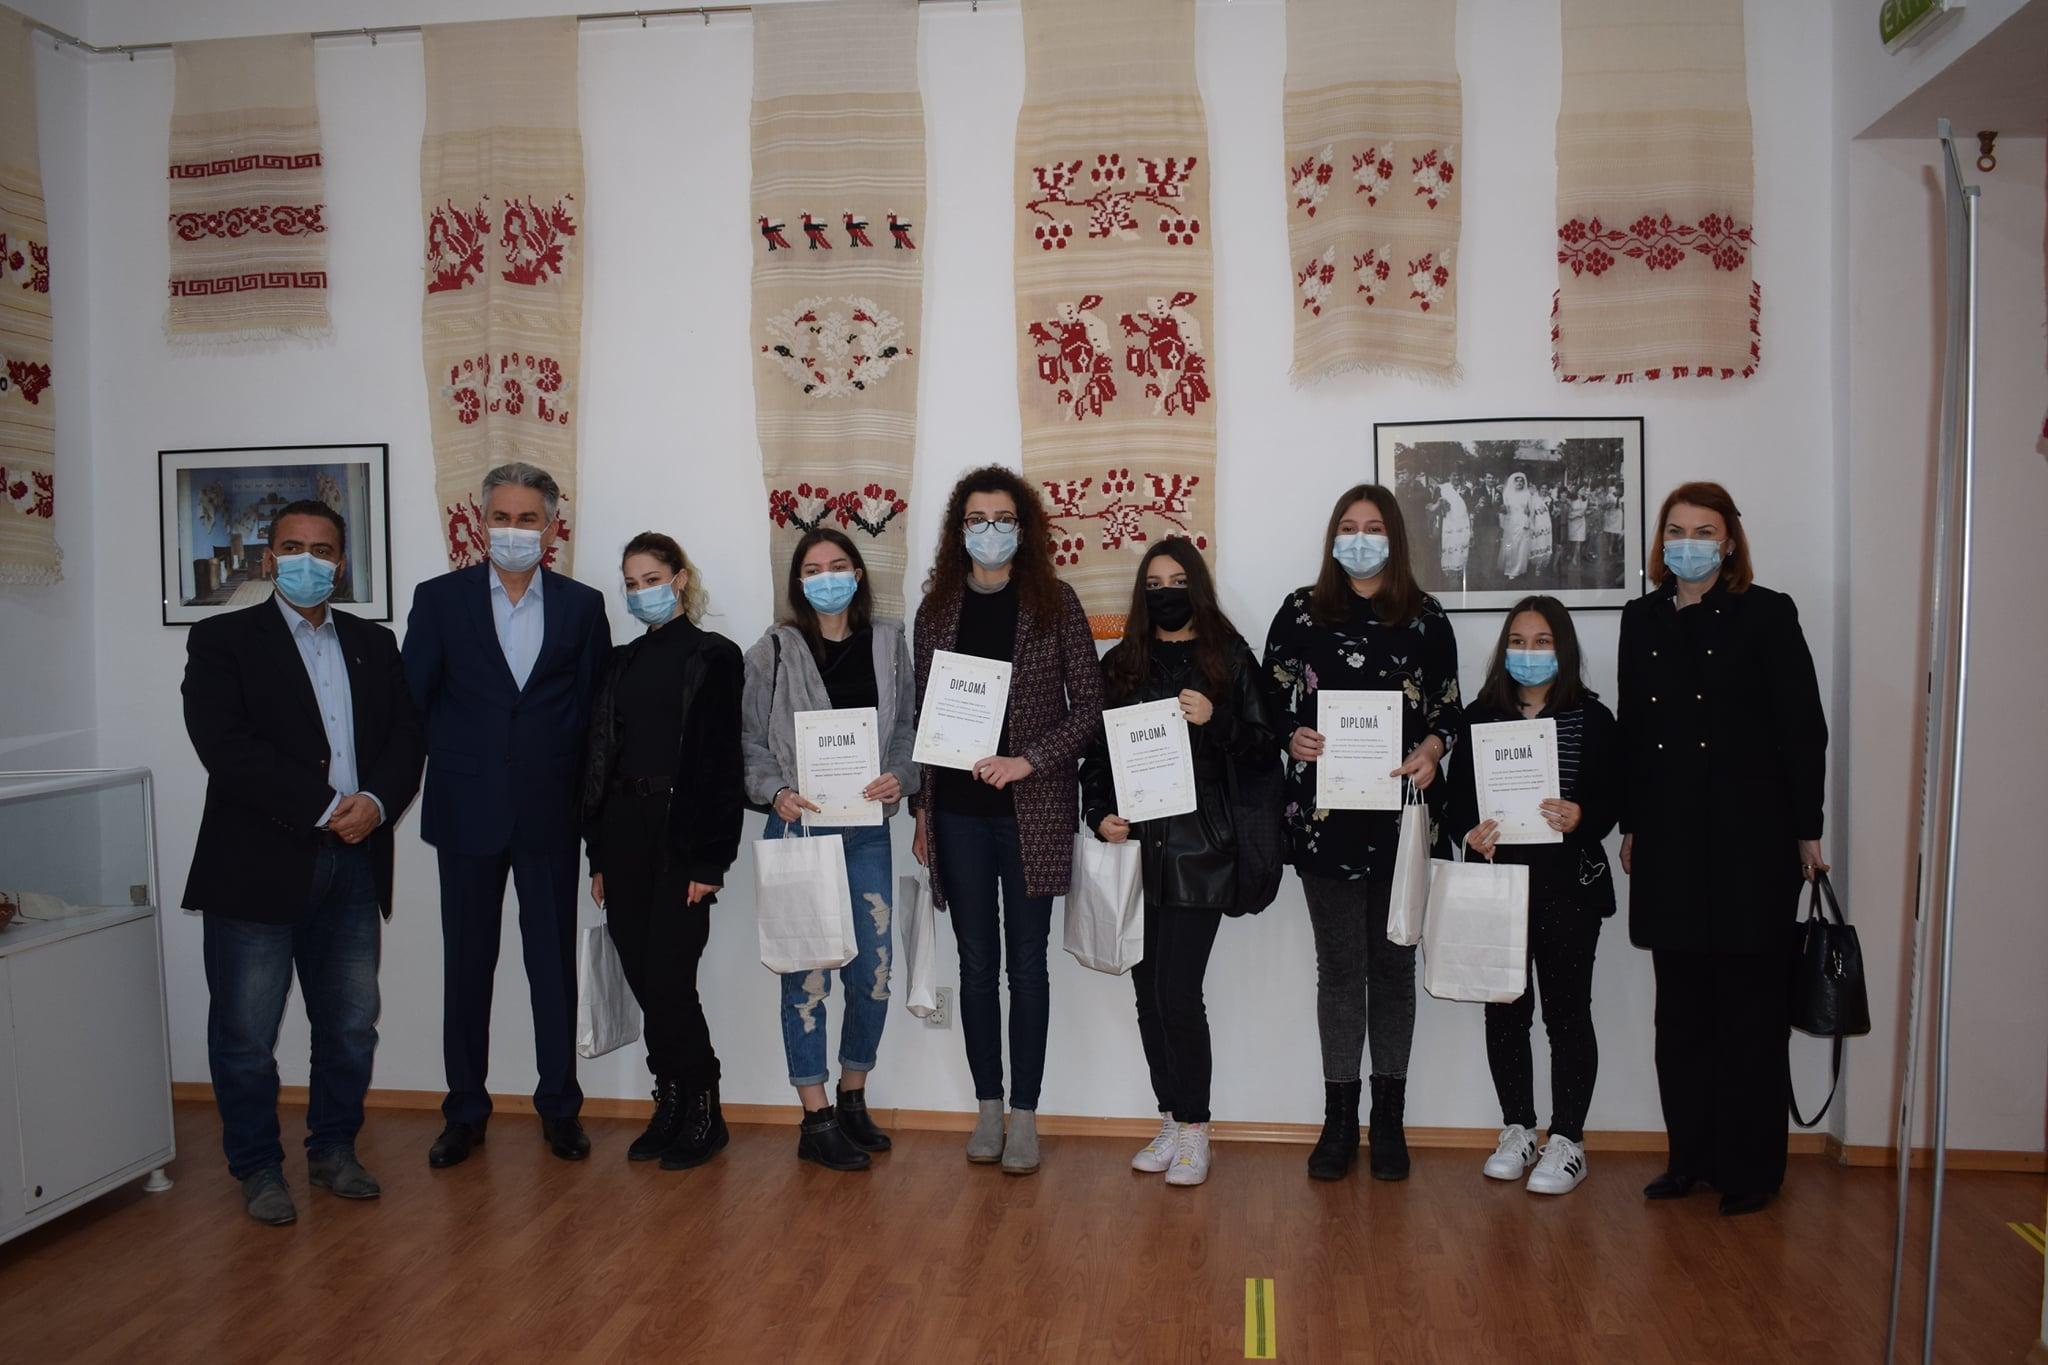 Elevii câştigători ai concursului de idei pentru logo-ul Muzeului Judeţean Teohari Antonescu azi  şi-au primit binemeritata răsplată